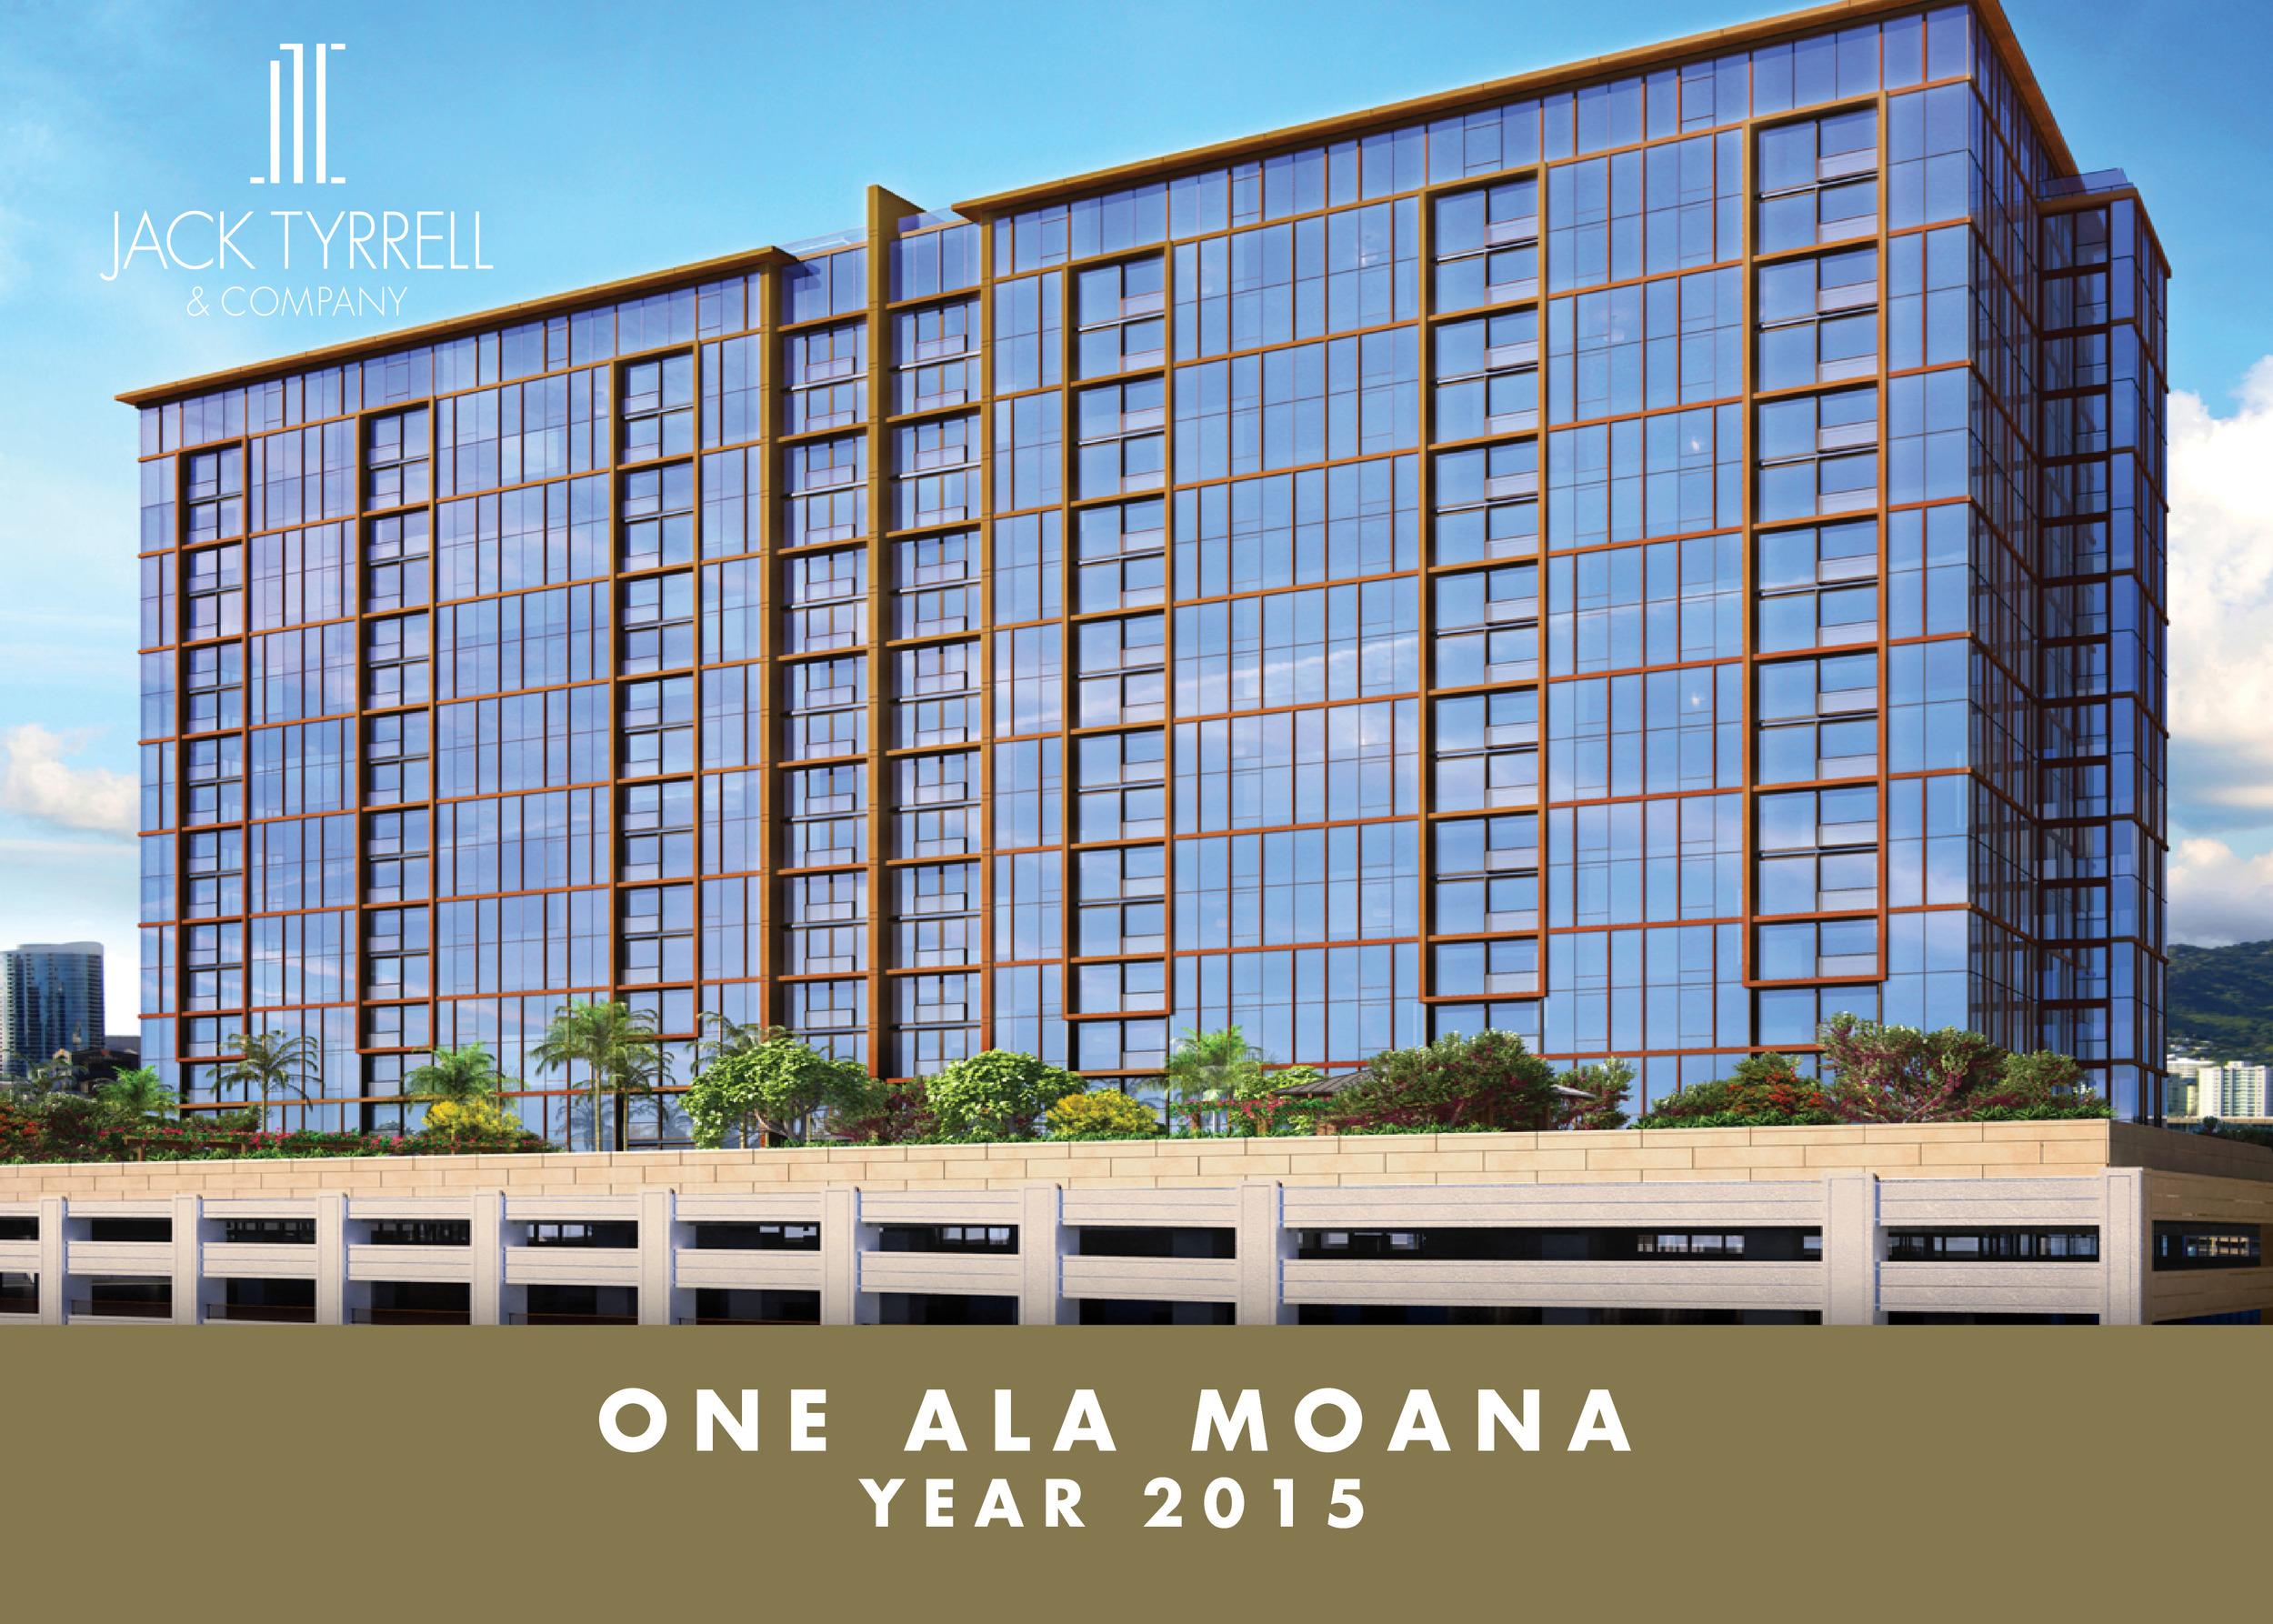 One Ala Moana - Completion 2015